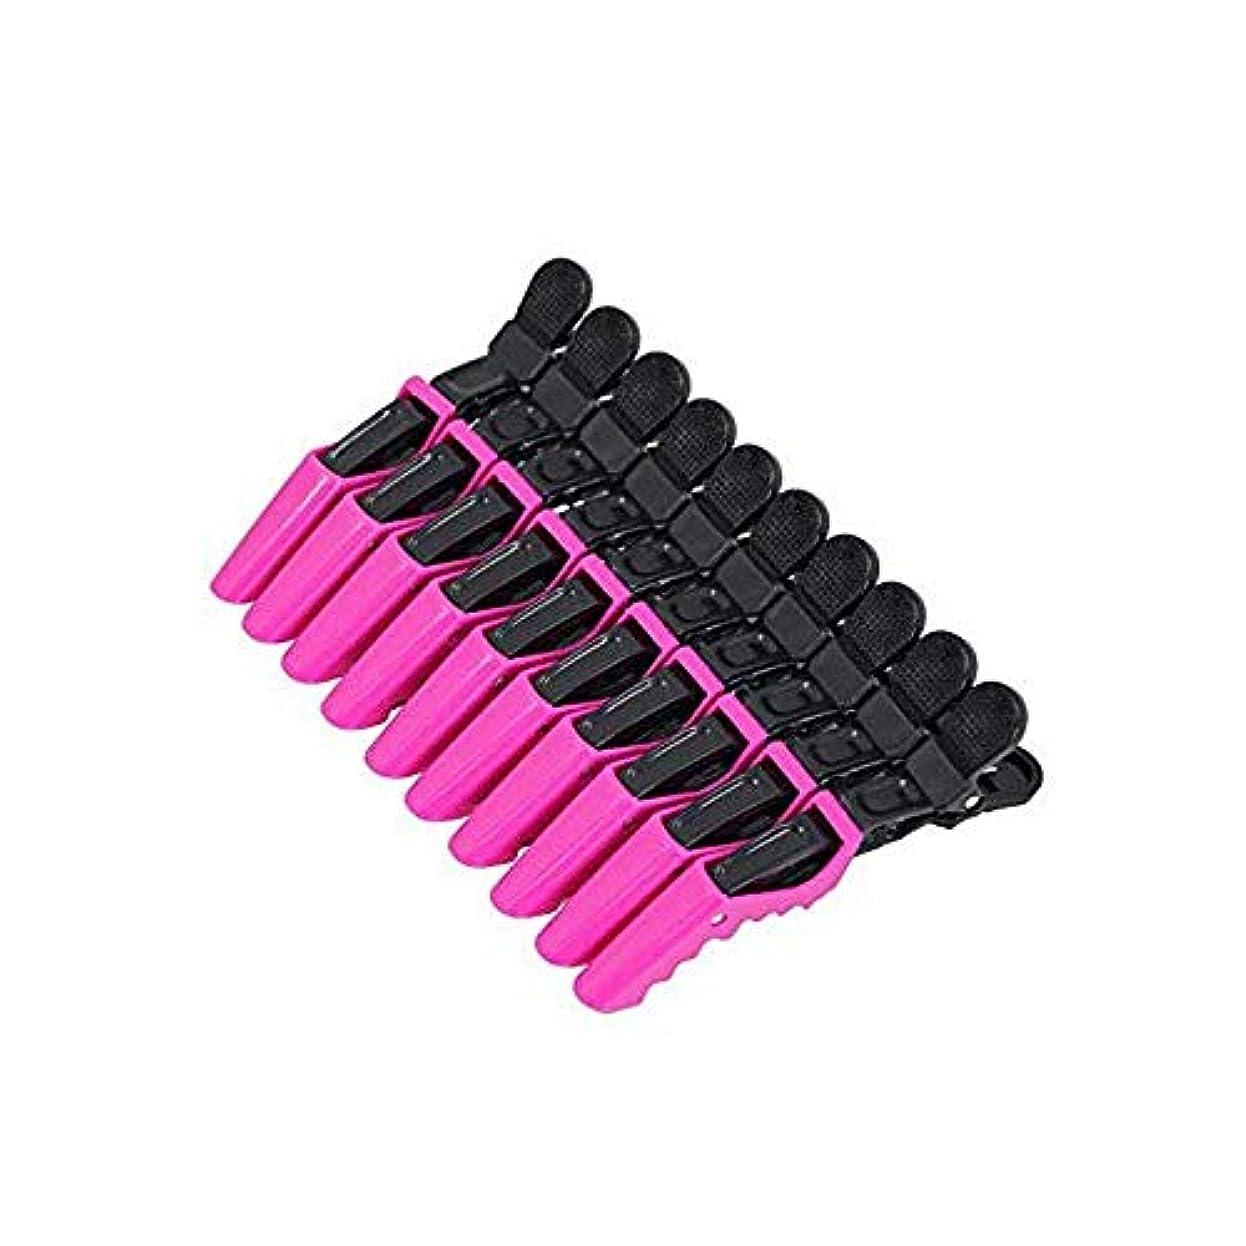 乳白色南東応援する10個セット ワニ口クリップ 美容ヘアクリップ 美容ツール 固定ヘアクリップ デザイナーヘアクリップ 調整可能 ブラックピンク